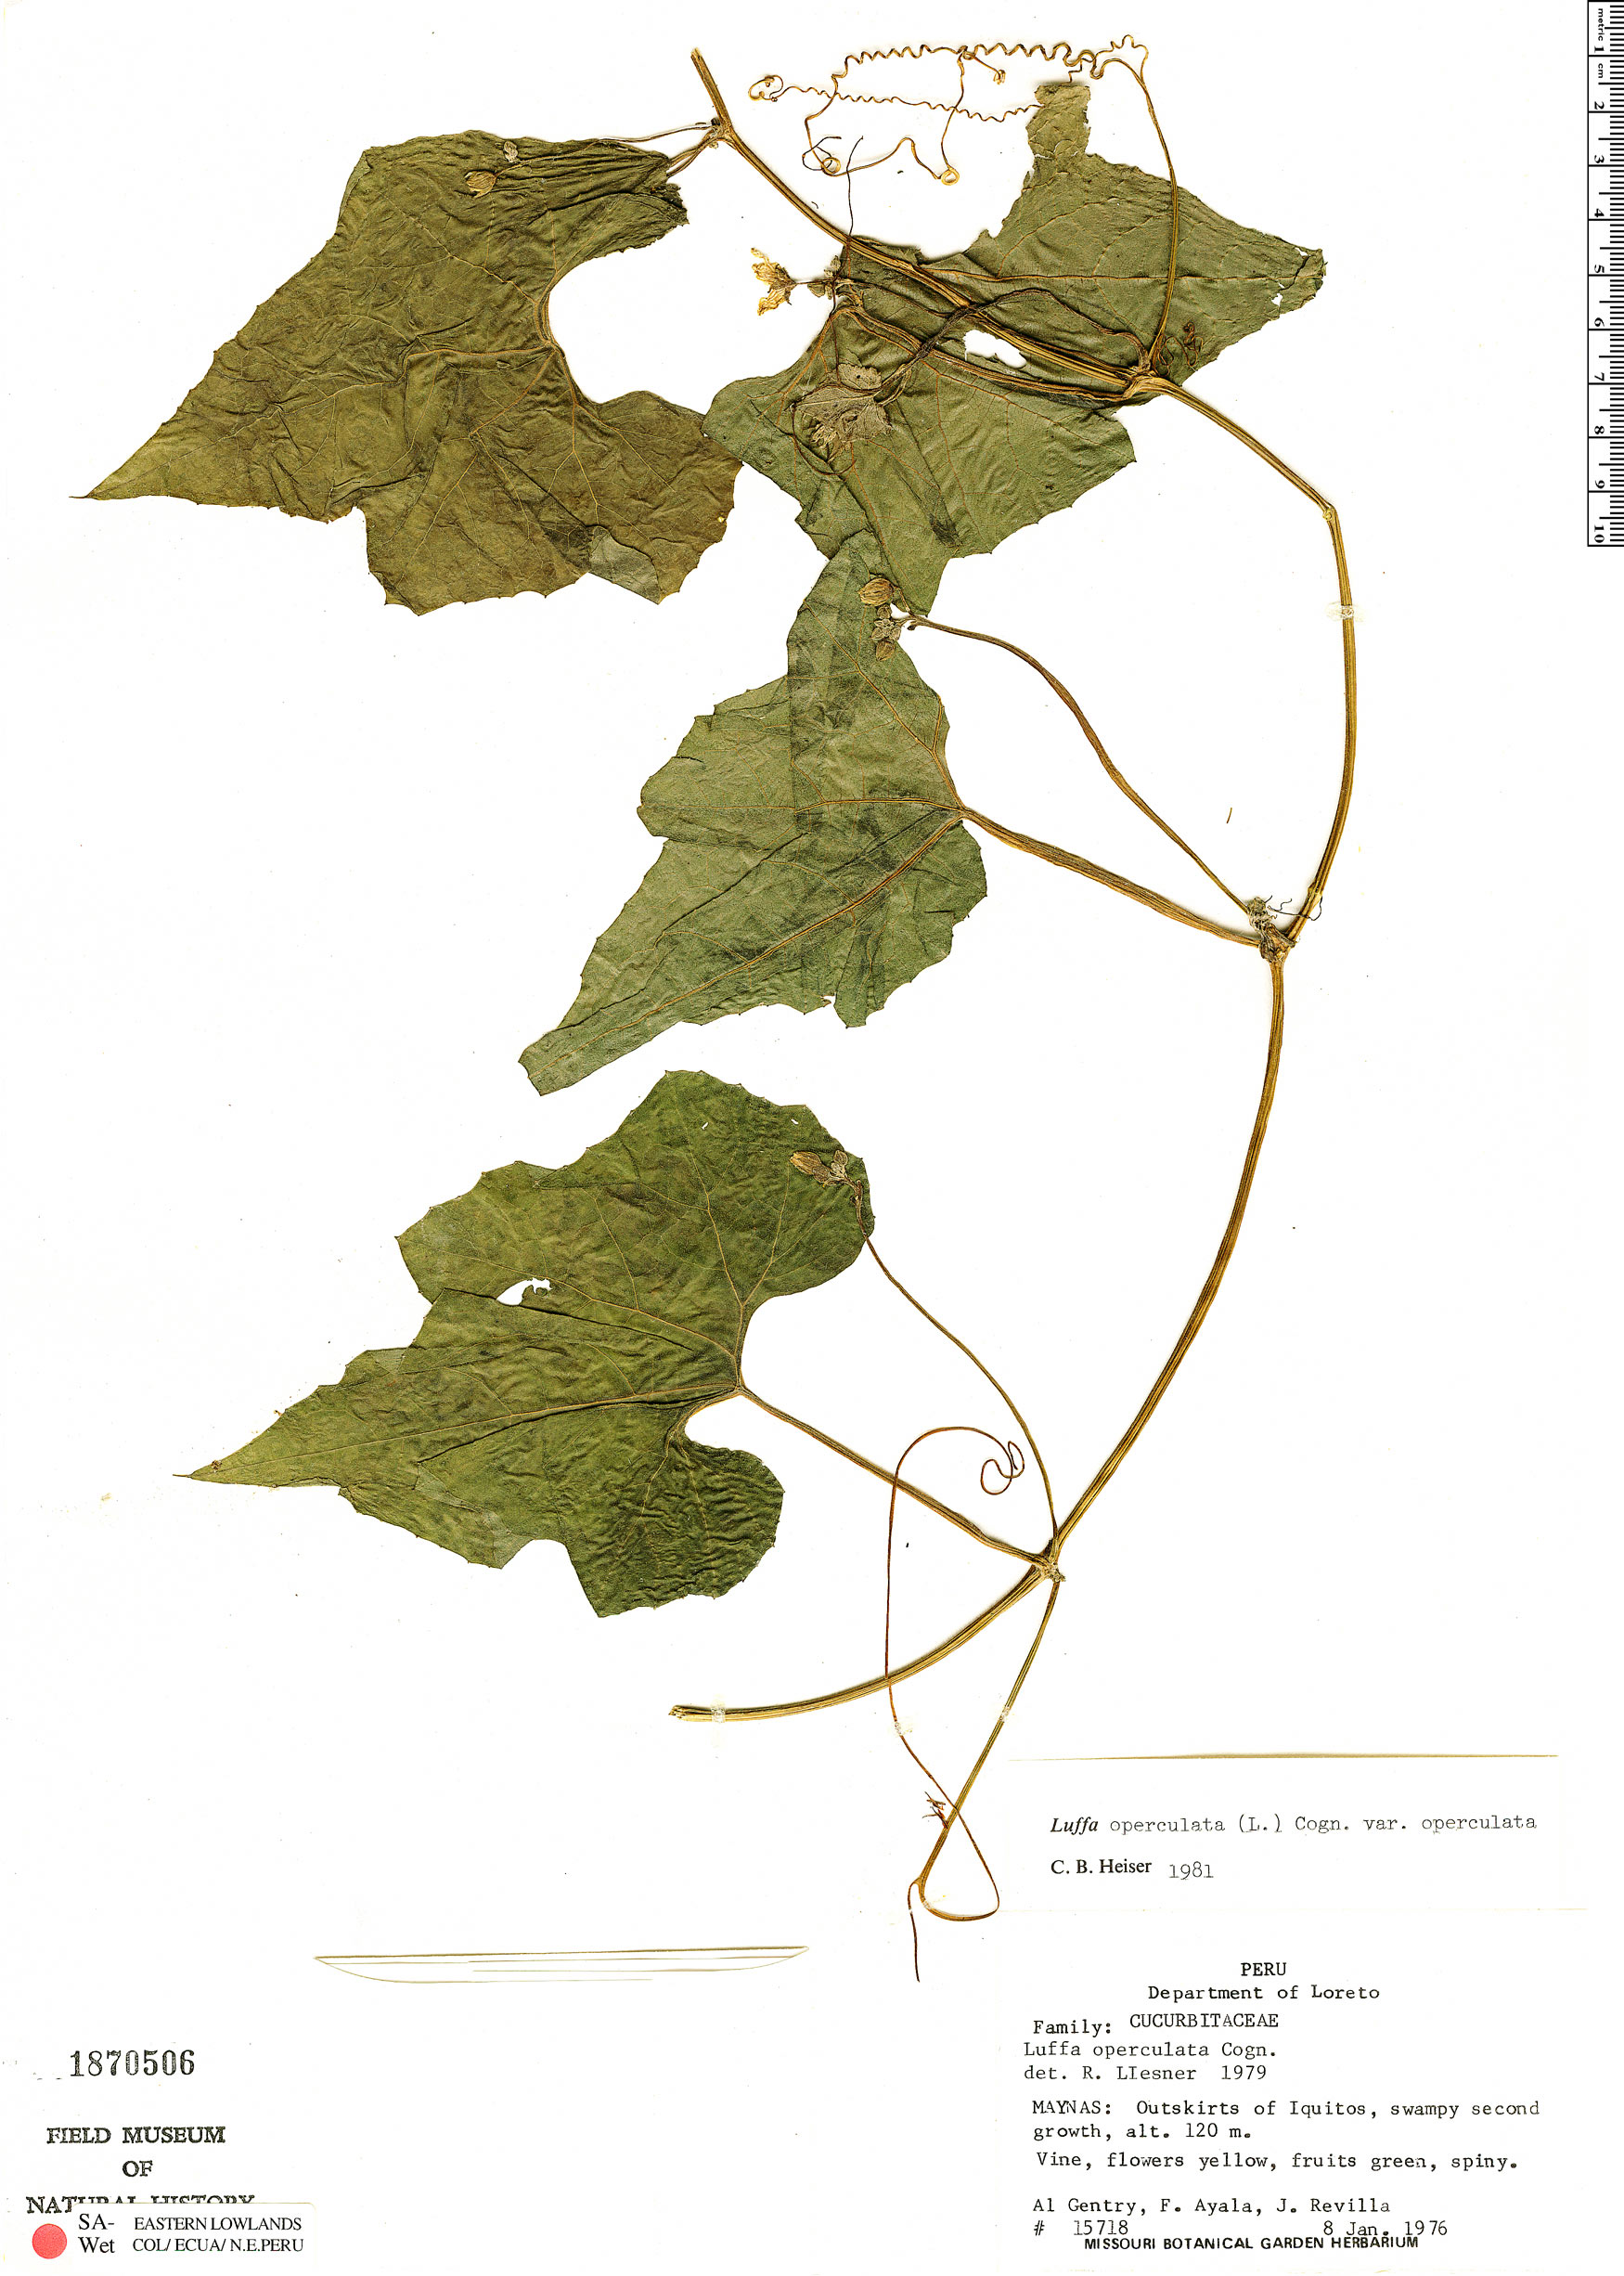 Luffa sepium image